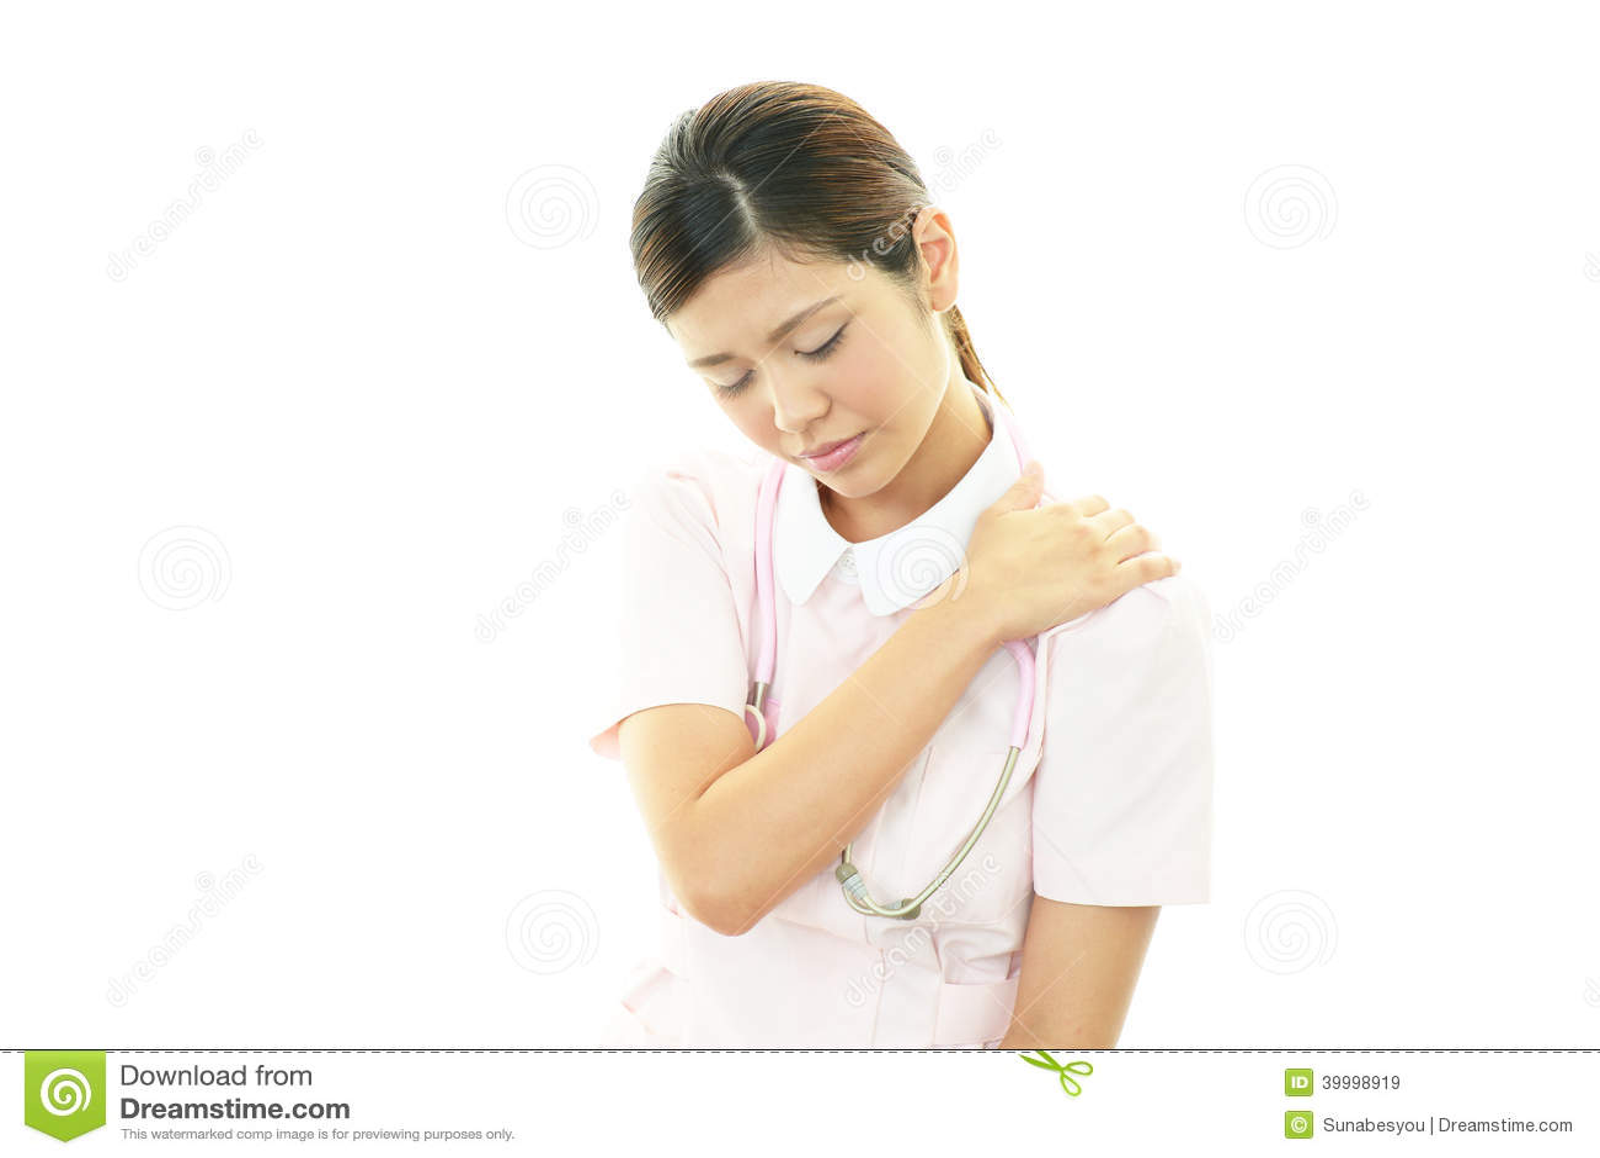 Enfermera con dolor del hombro.